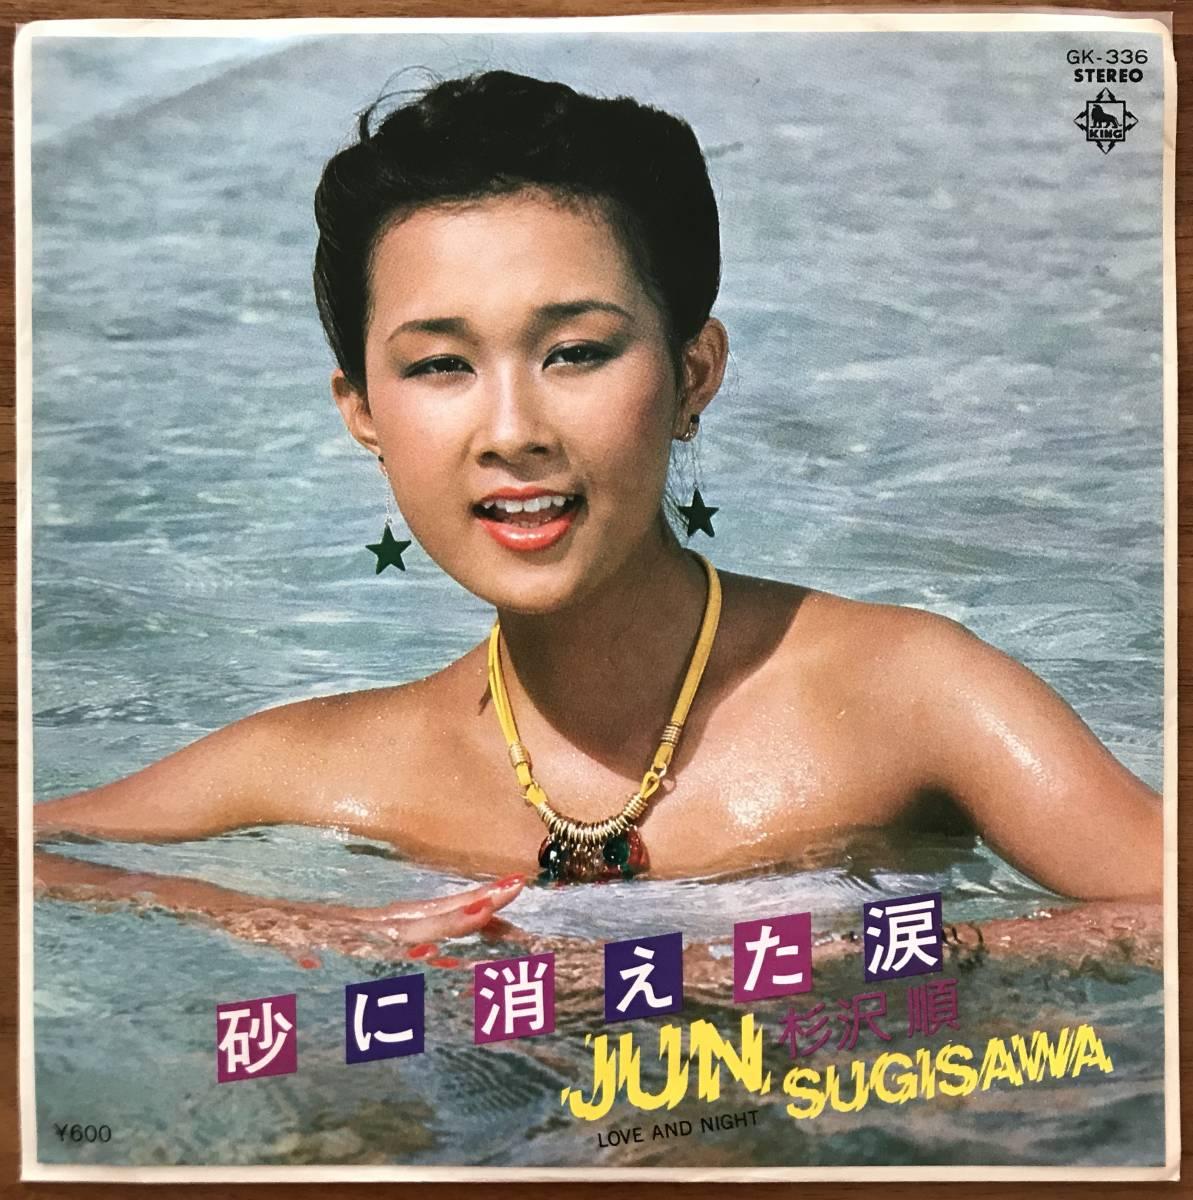 杉沢 順 Jun Sugisawa / 砂に消えた涙 7インチ 和モノAtoZ 吉沢dynamite オルガンバー